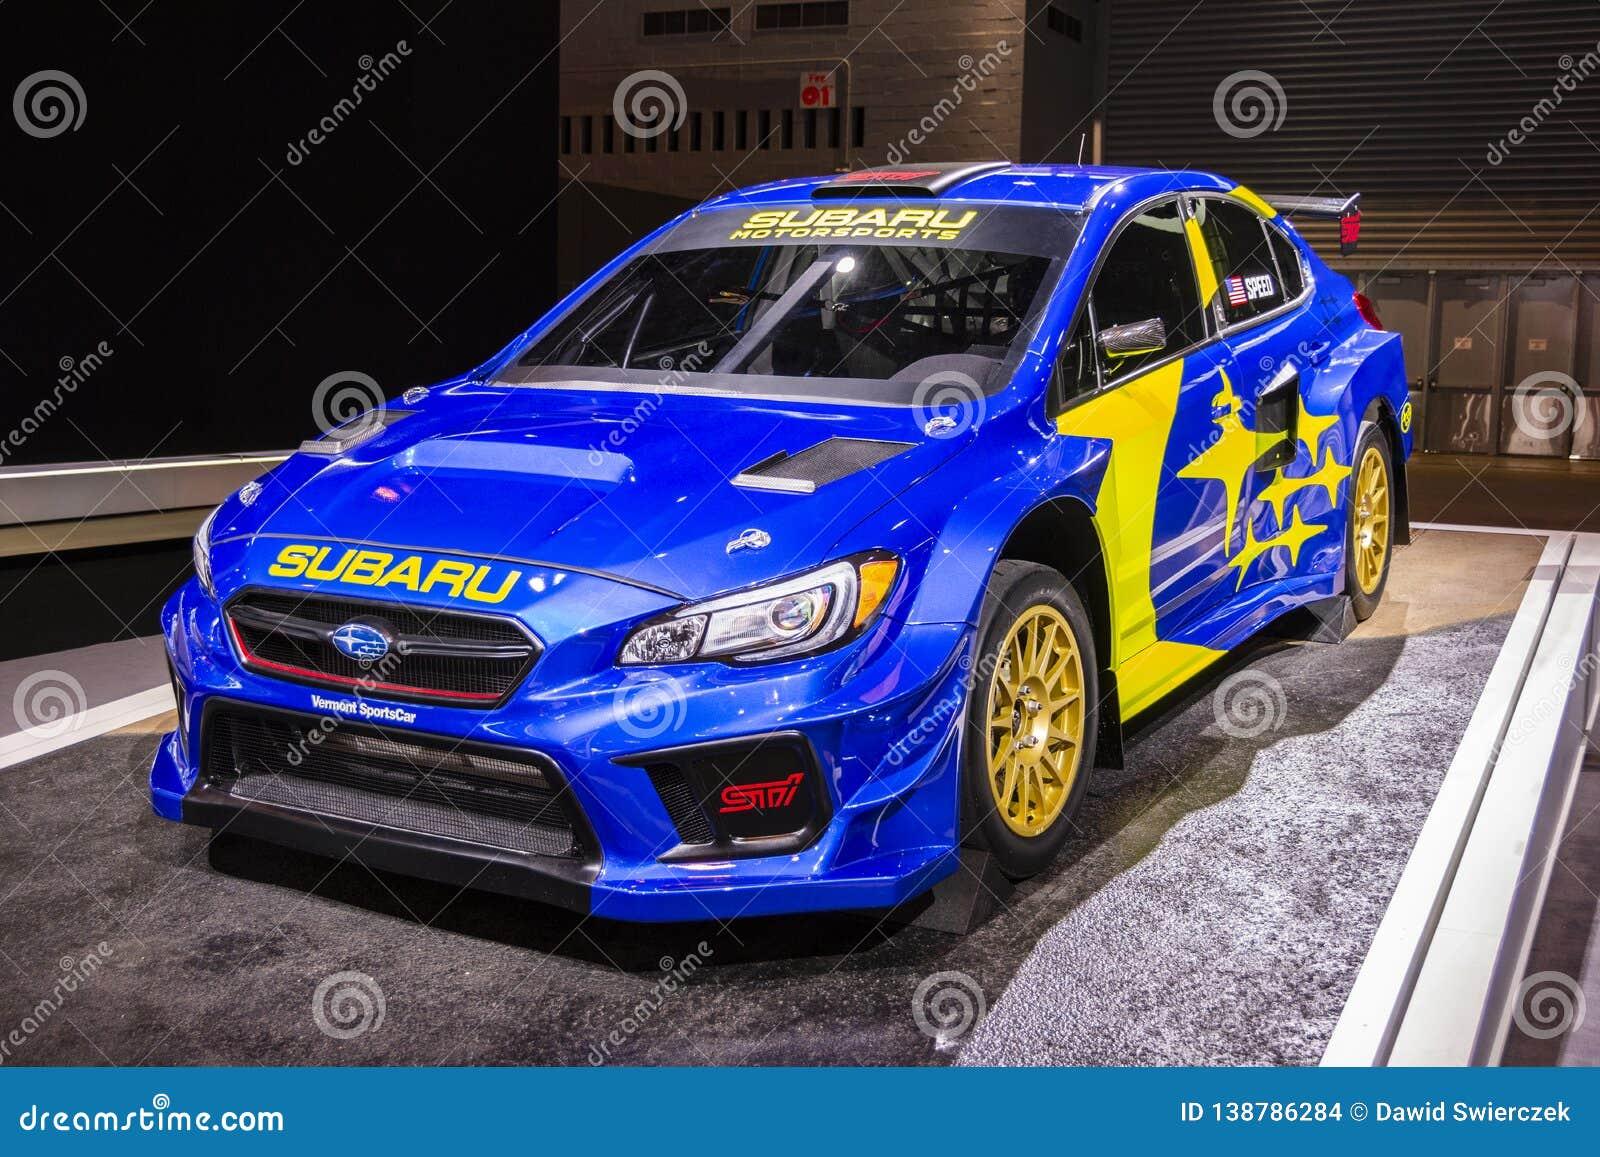 Supercar 2019 de STI VT19x Rallycross de Subaru WRX